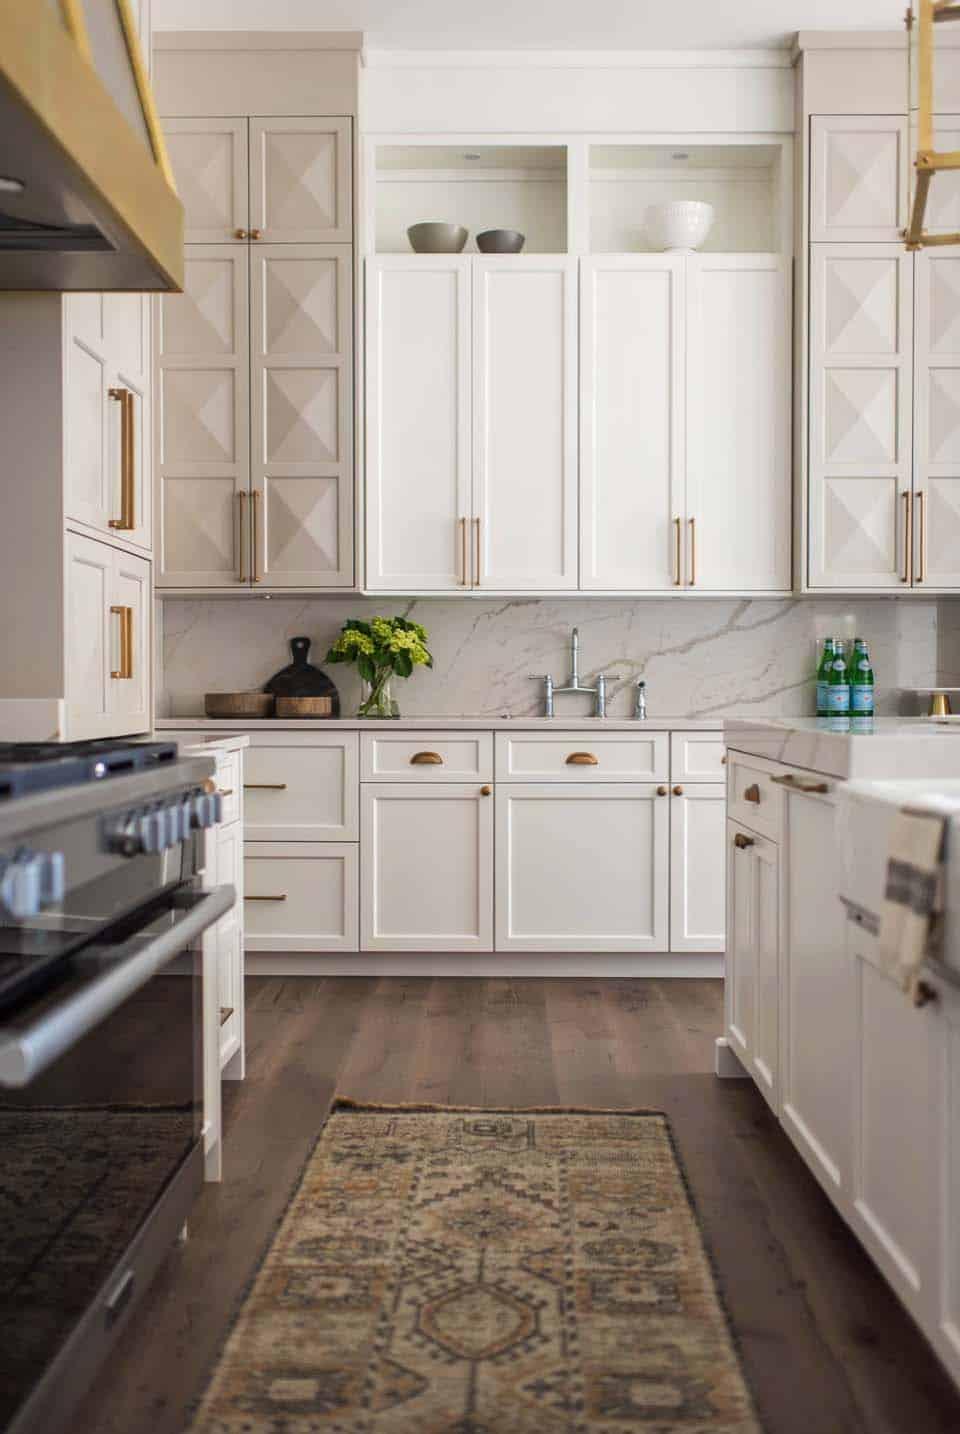 cuisine-maison-familiale-transitionnelle